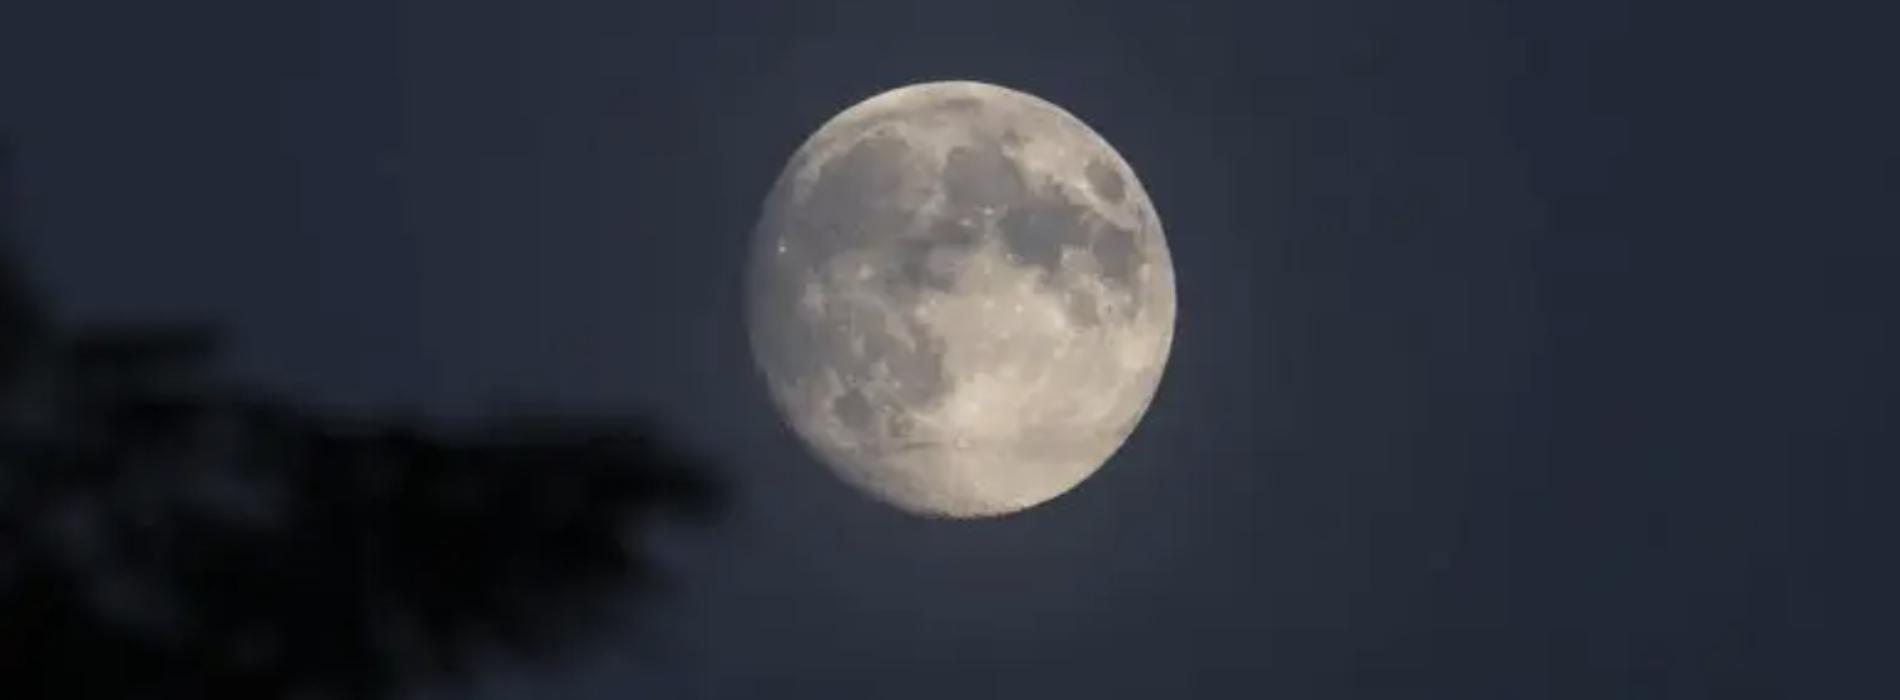 Notte di luna piena a fine anno, è un buon auspicio per il 2021